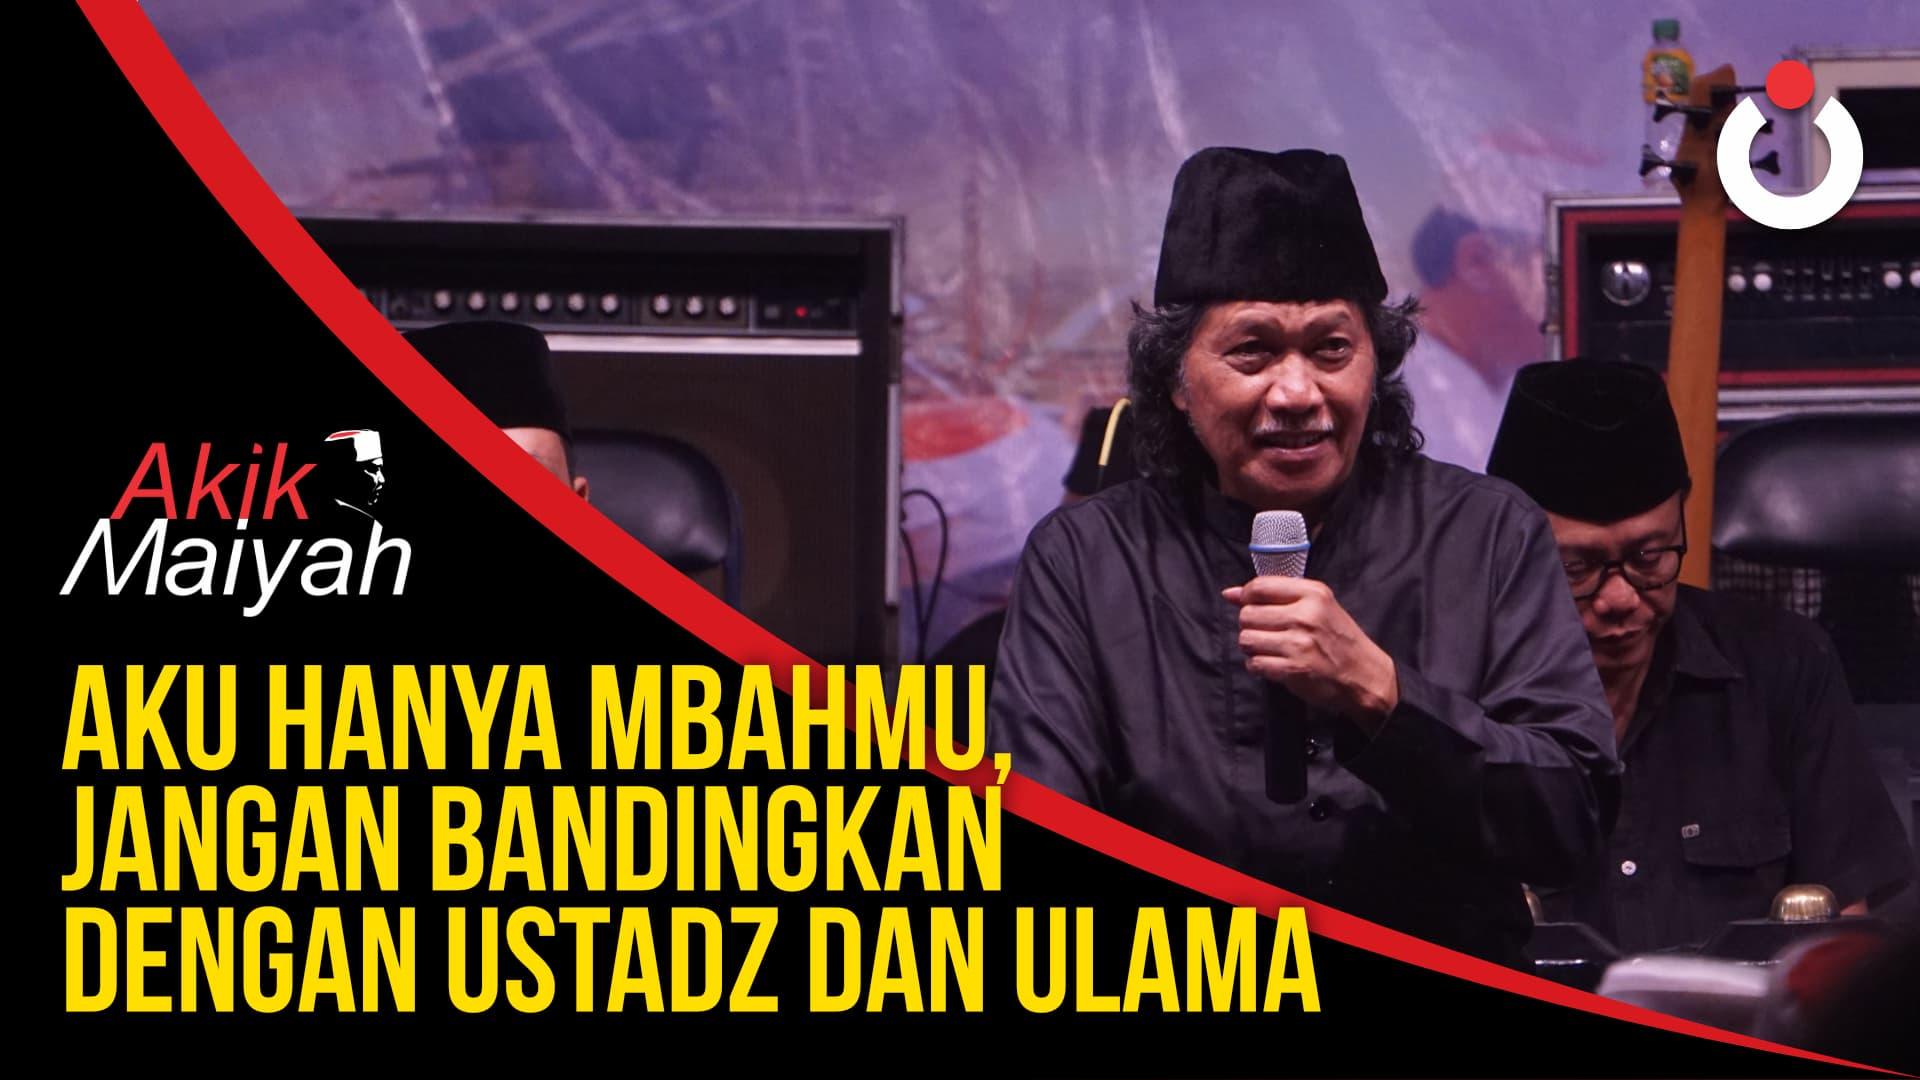 Cak Nun: Aku Hanya Mbahmu, Jangan Bandingkan dengan Ustadz dan Ulama